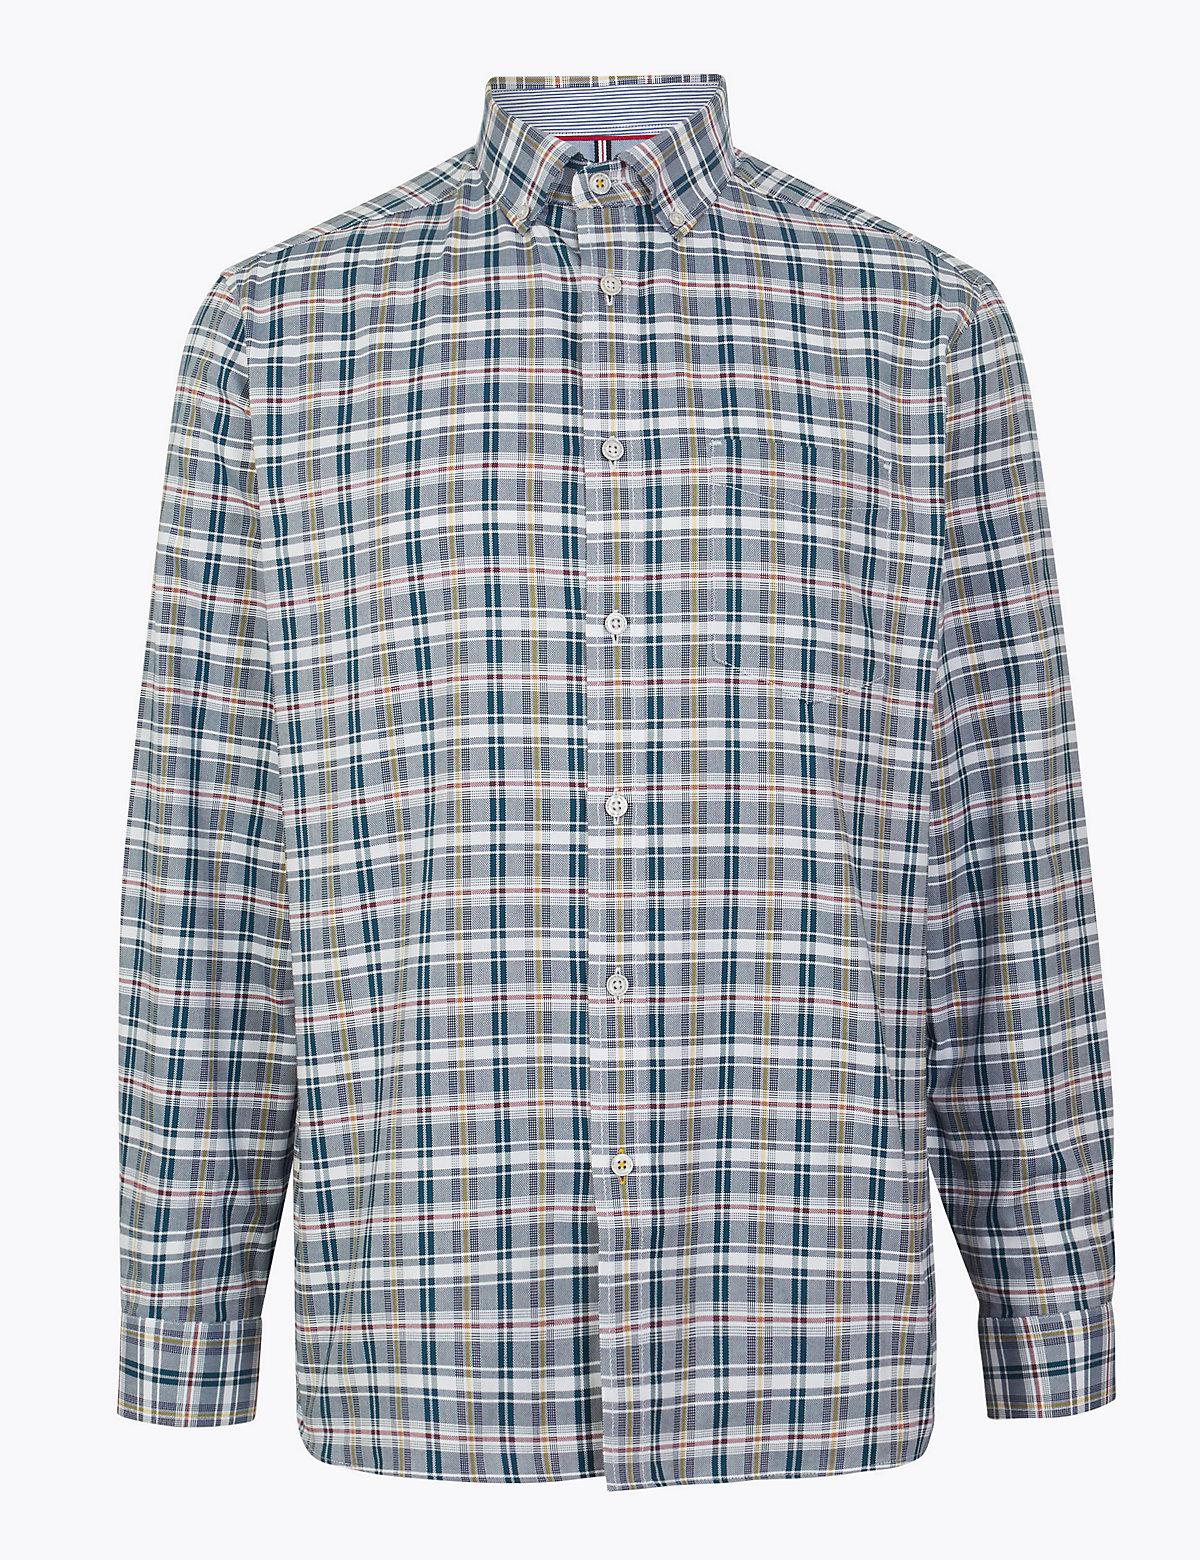 Свободная рубашка Oxford в клетку